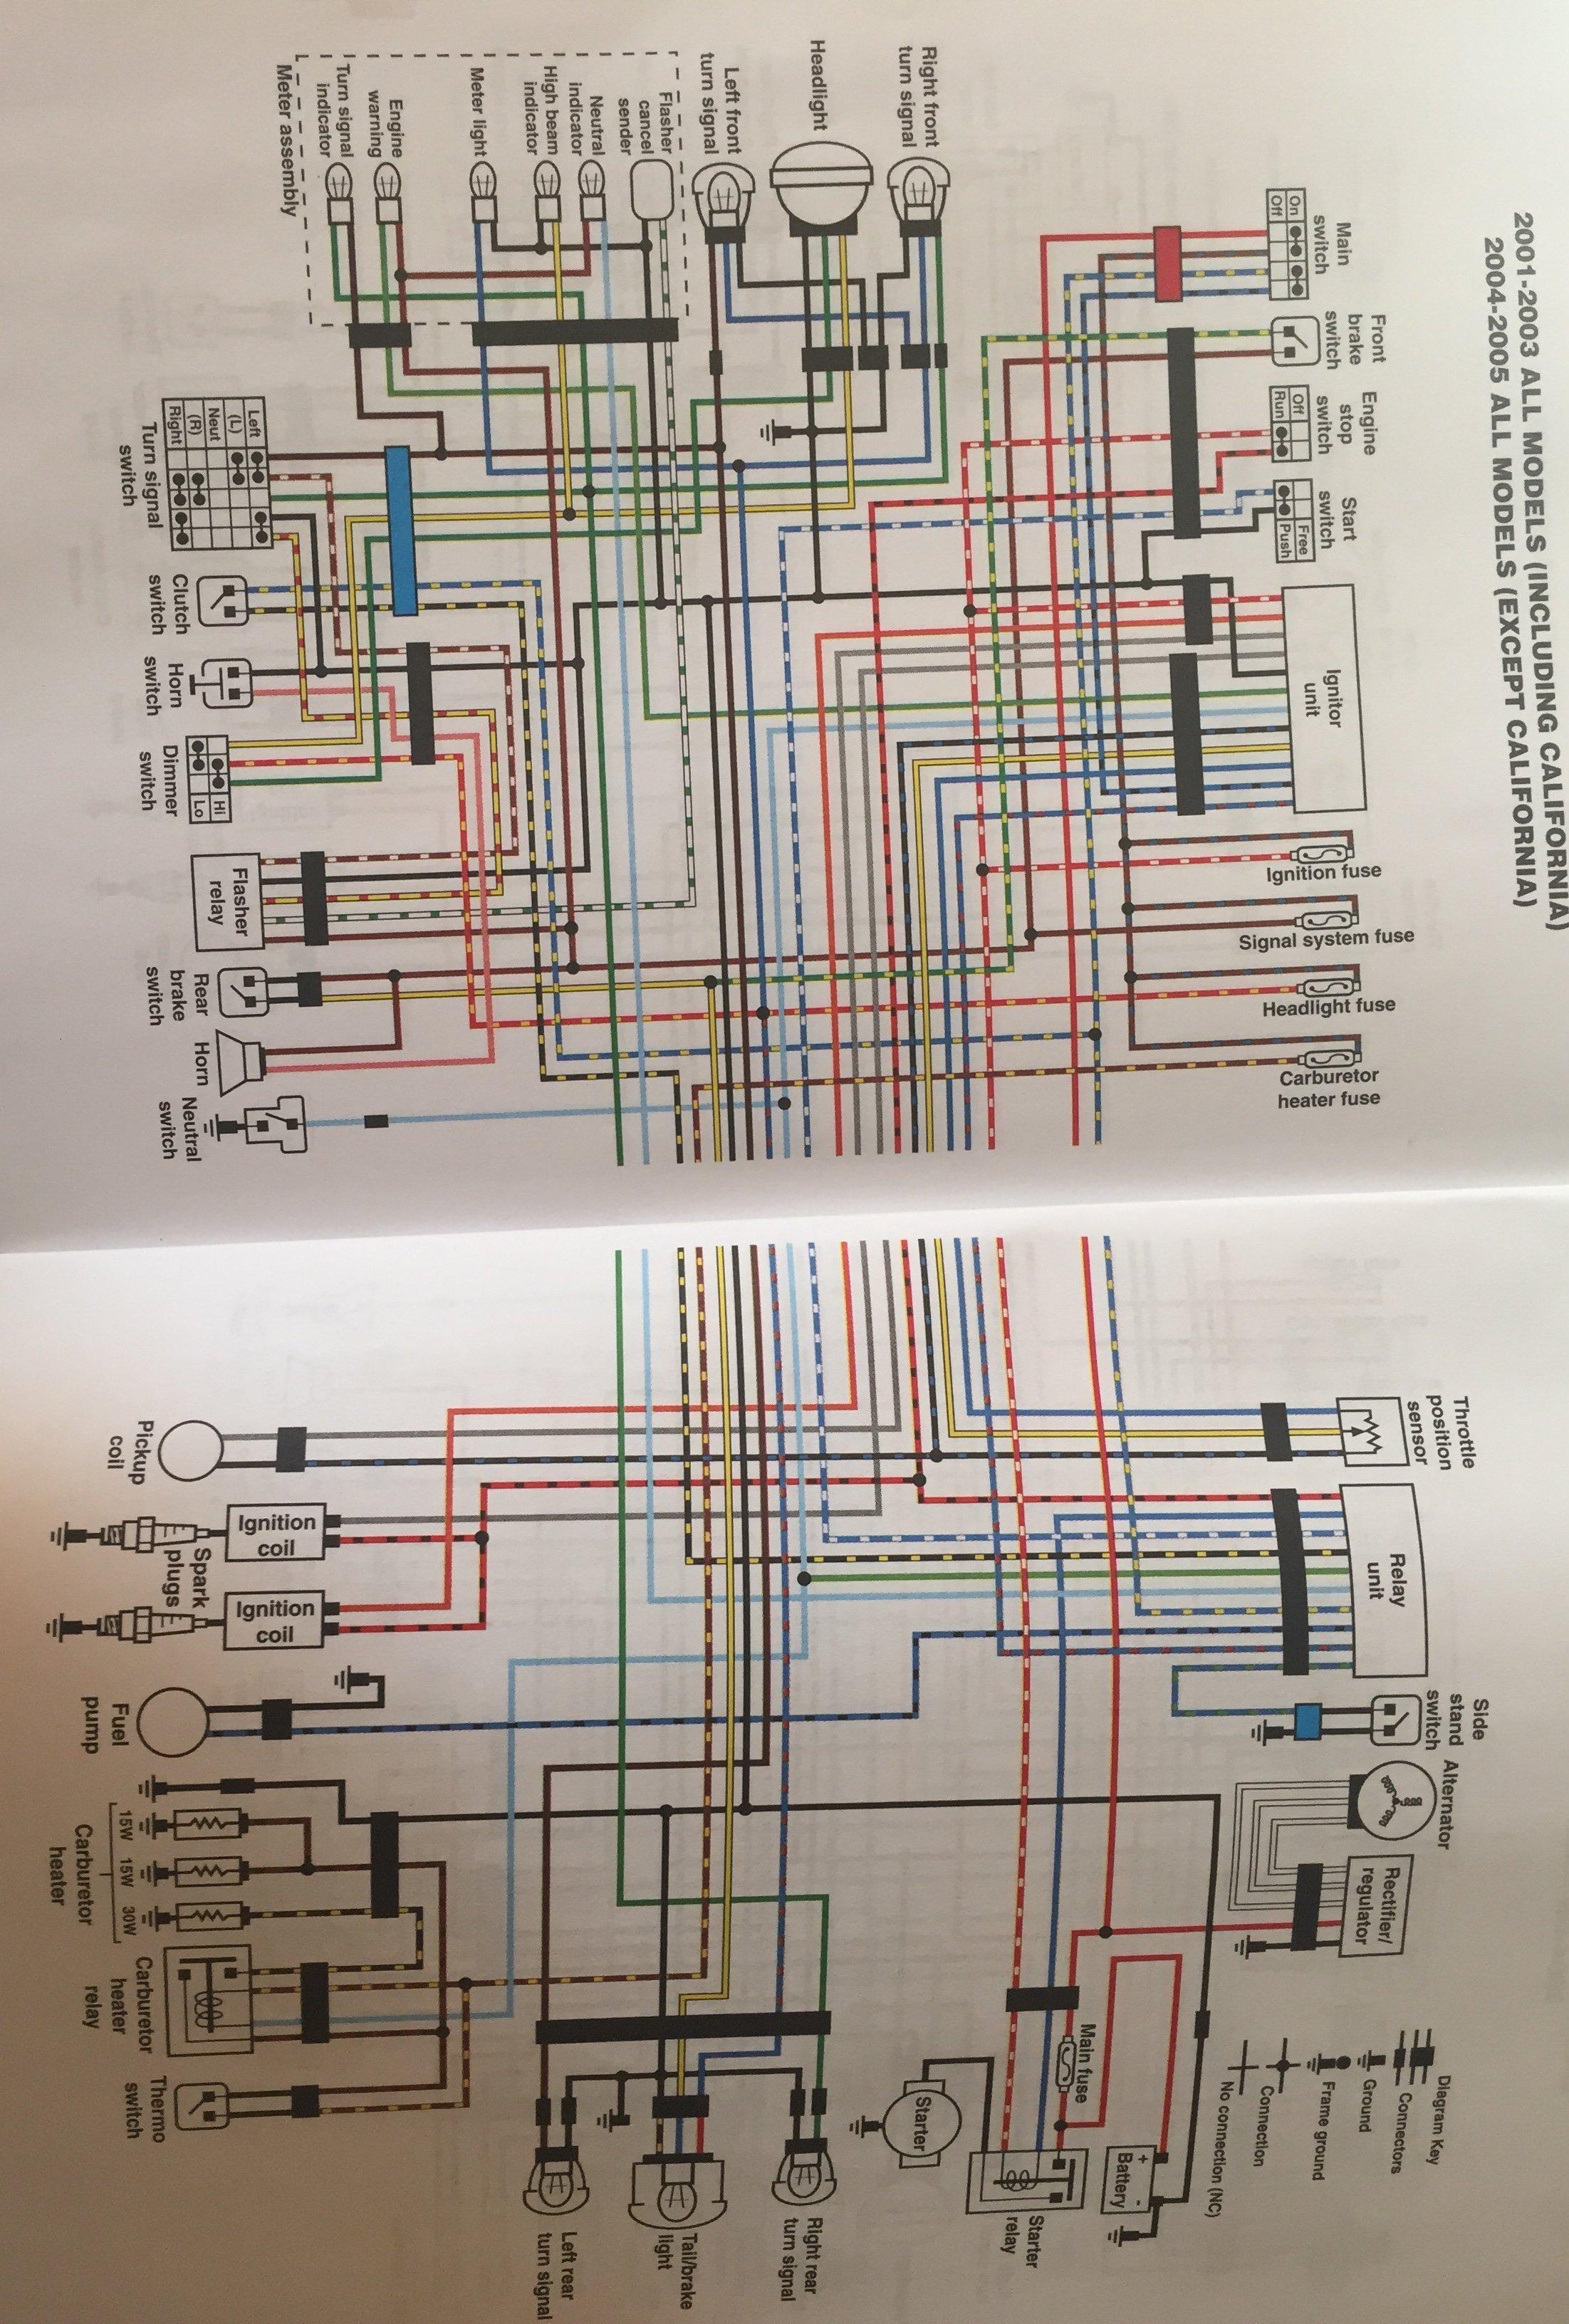 [DIAGRAM_4PO]  XD_5589] Wiring Diagram Klr 650 Wiring Diagram Yamaha Road Star Wiring  Diagram Download Diagram | 2007 Yamaha Silverado Wiring Diagram |  | Pead Favo Scoba Mohammedshrine Librar Wiring 101